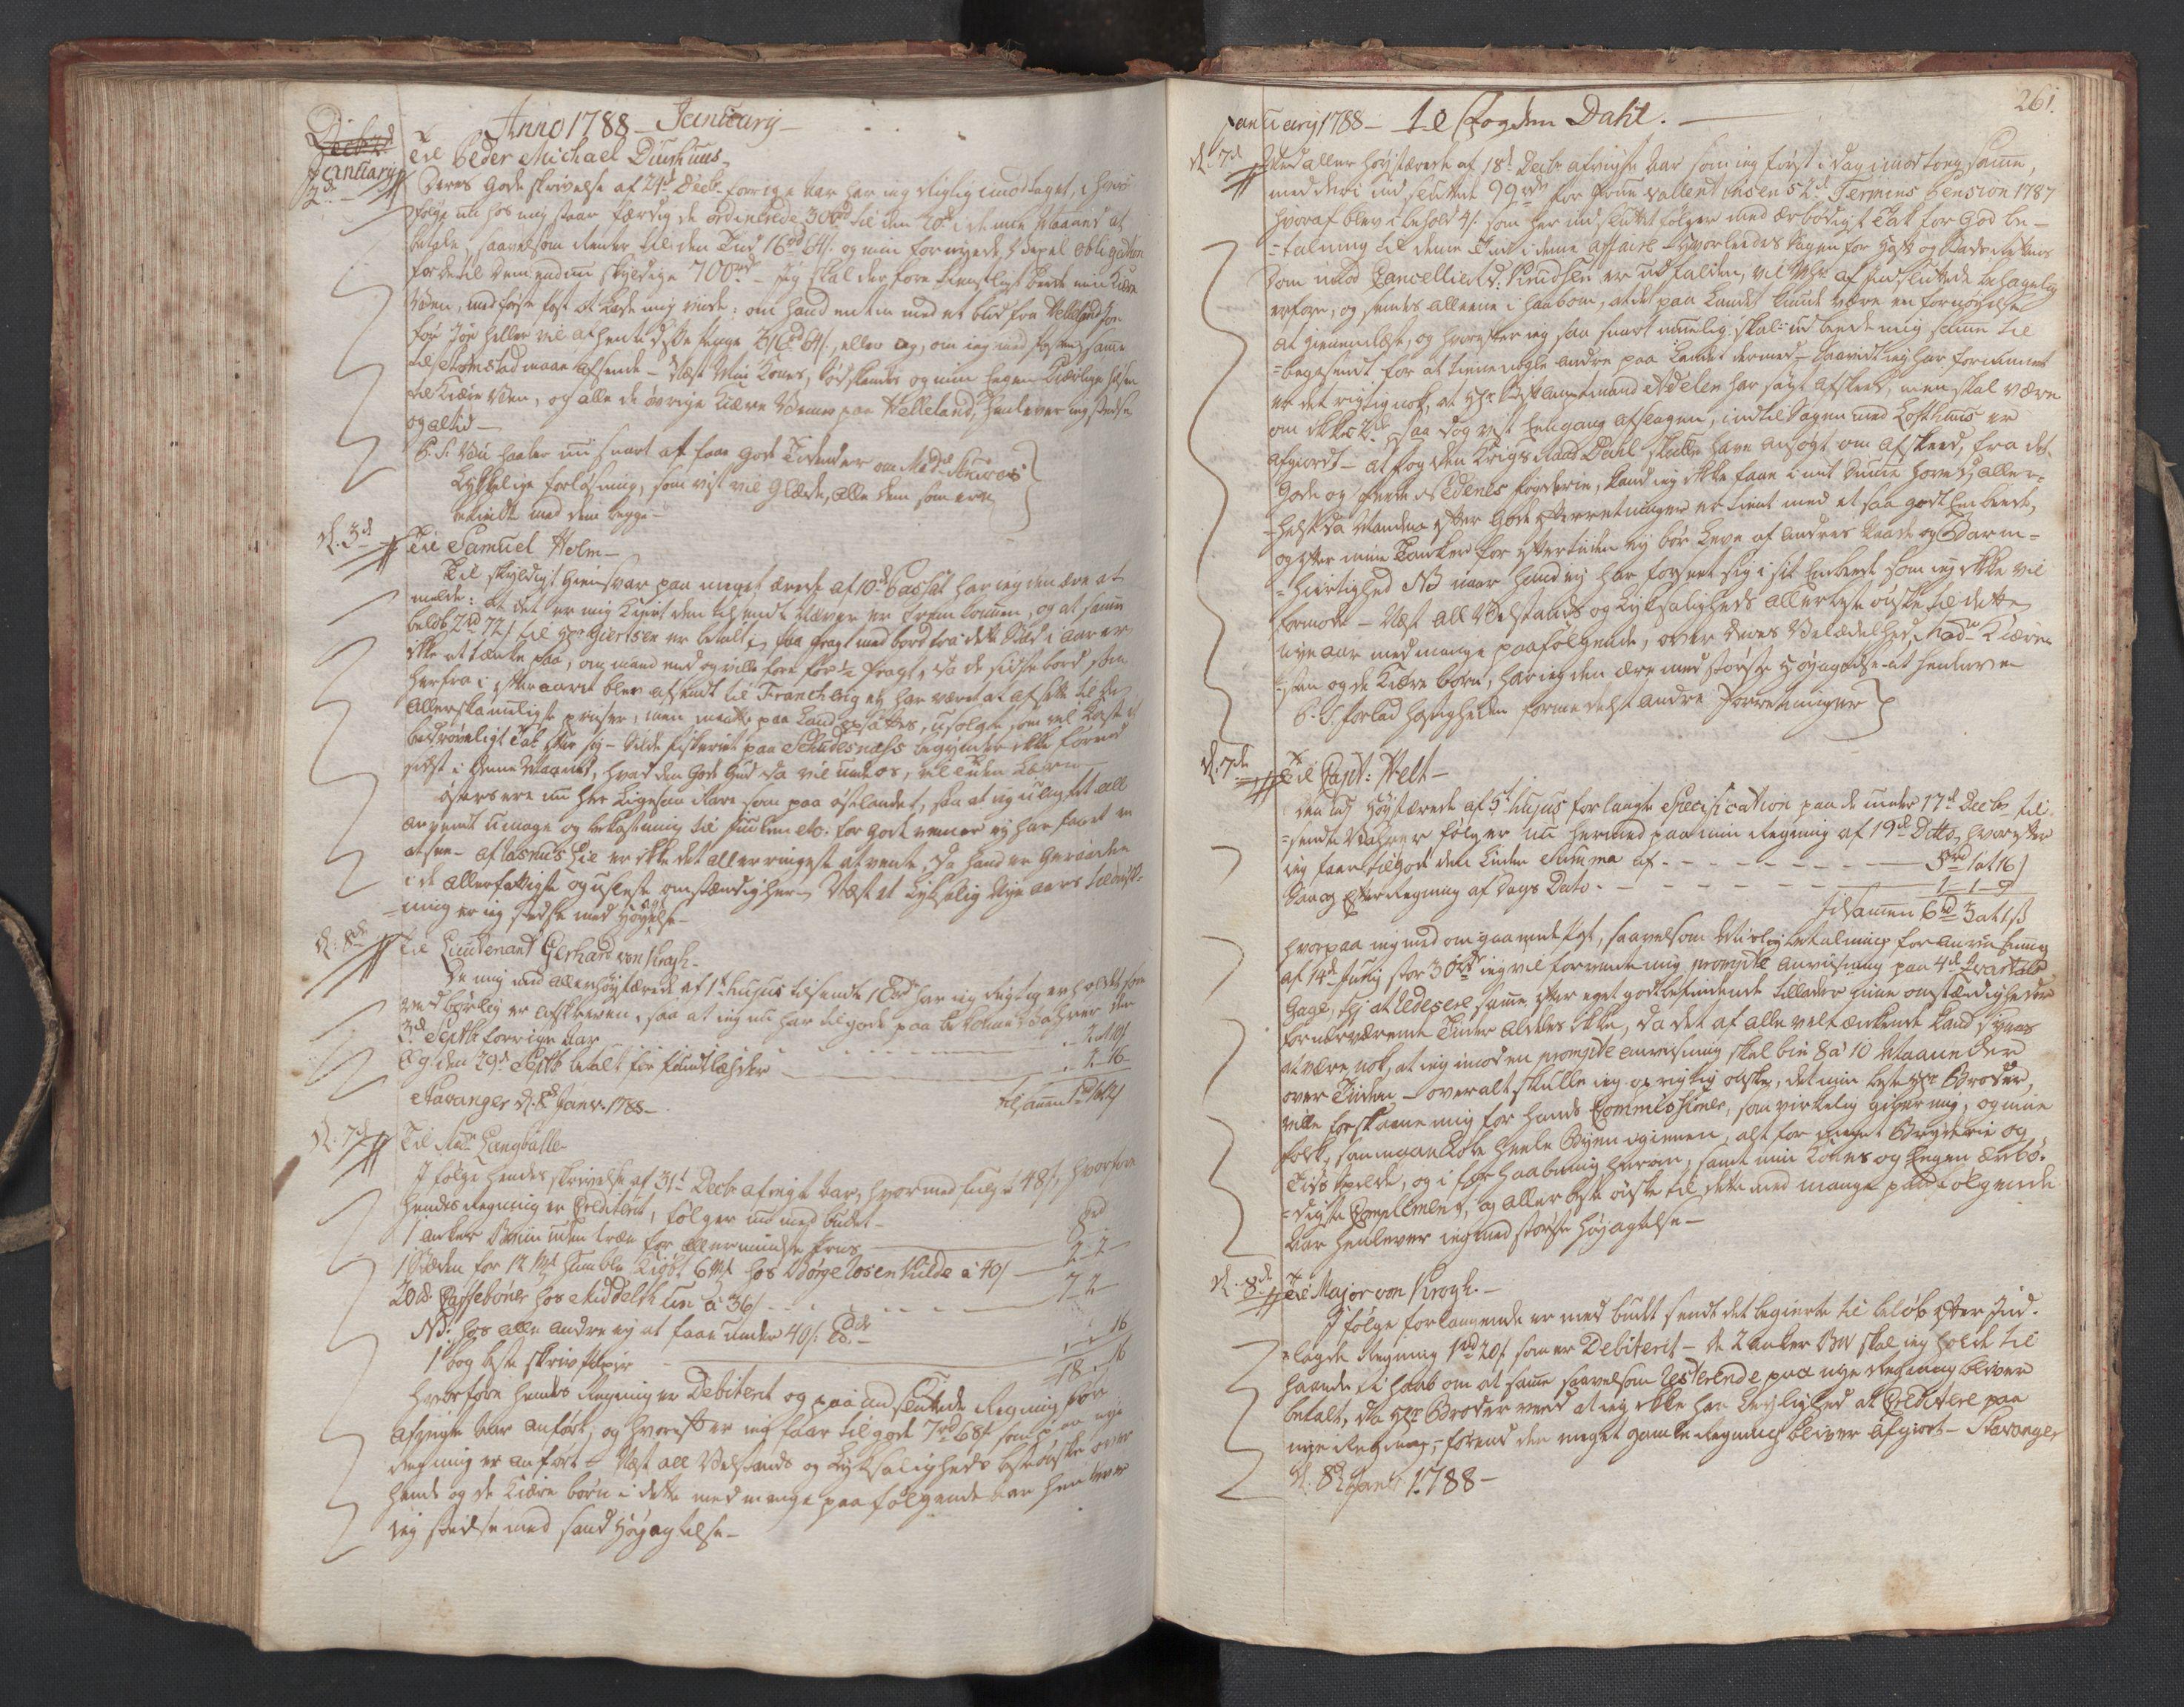 SAST, Pa 0003 - Ploug & Sundt, handelshuset, B/L0005: Kopibok, 1784-1788, s. 260b-261a